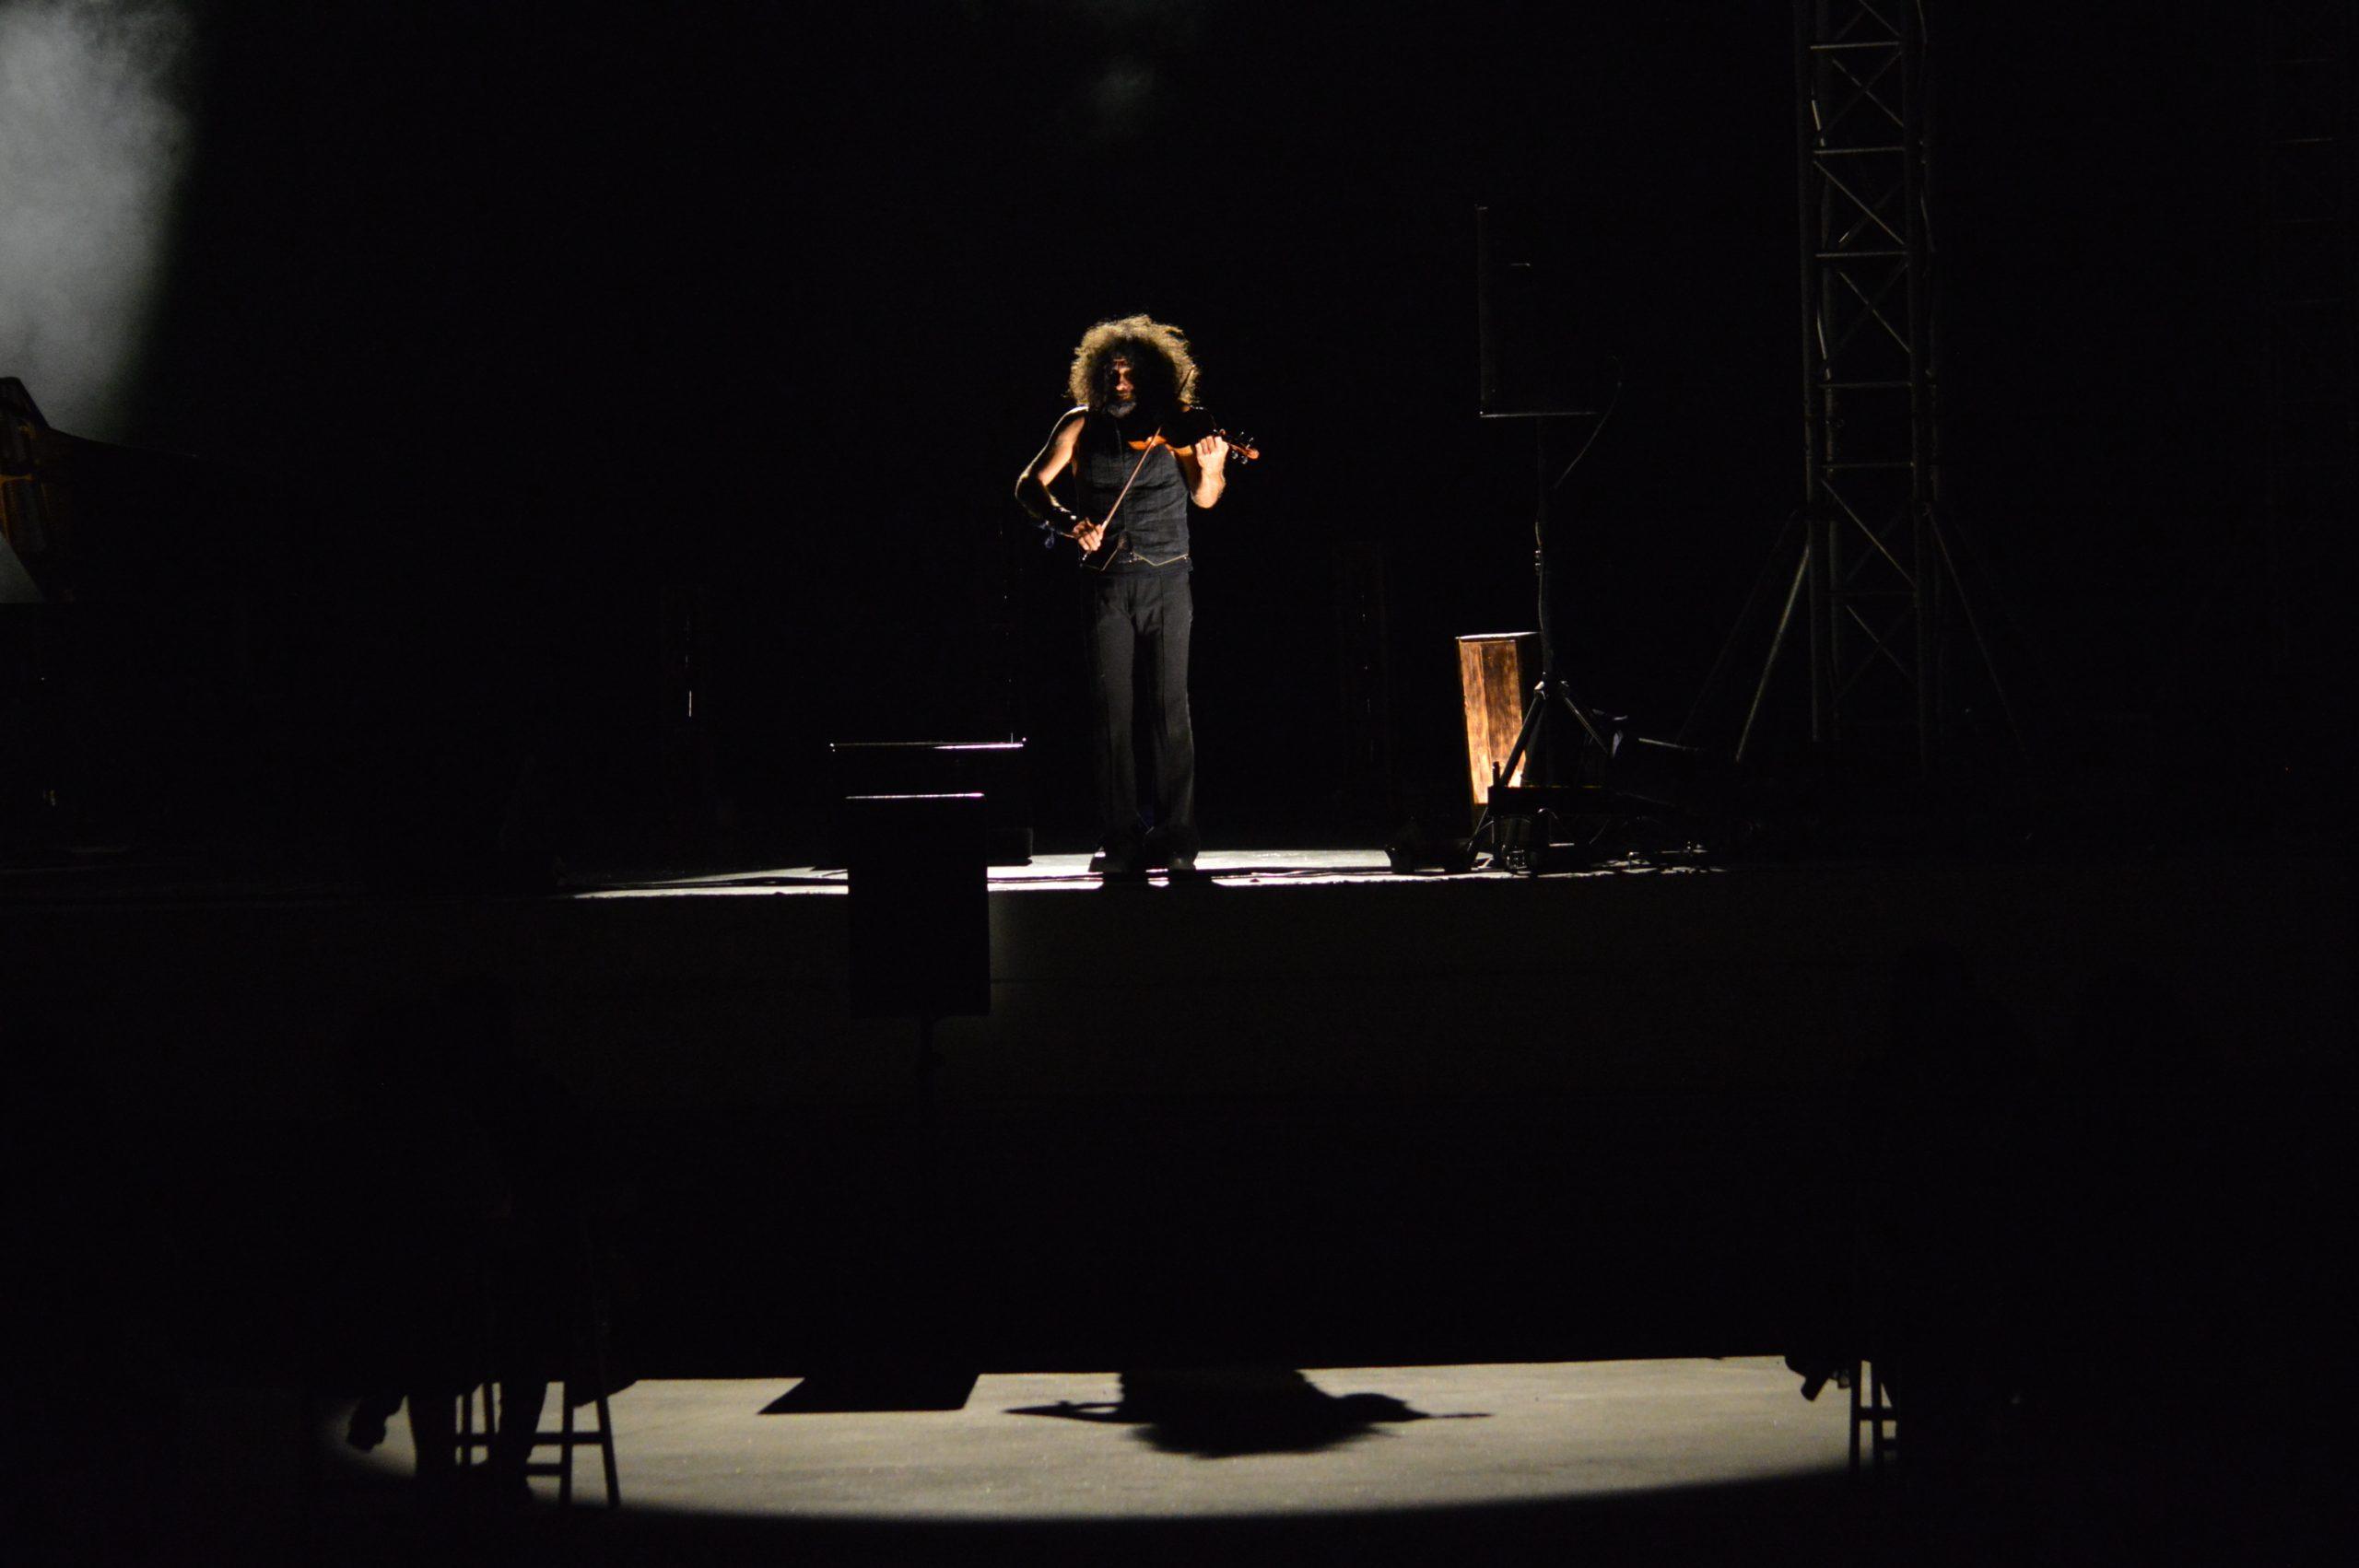 Ara Malikian emociona en su regreso a Ponferrada demostrando una vez más su virtuosismo con el violín 31